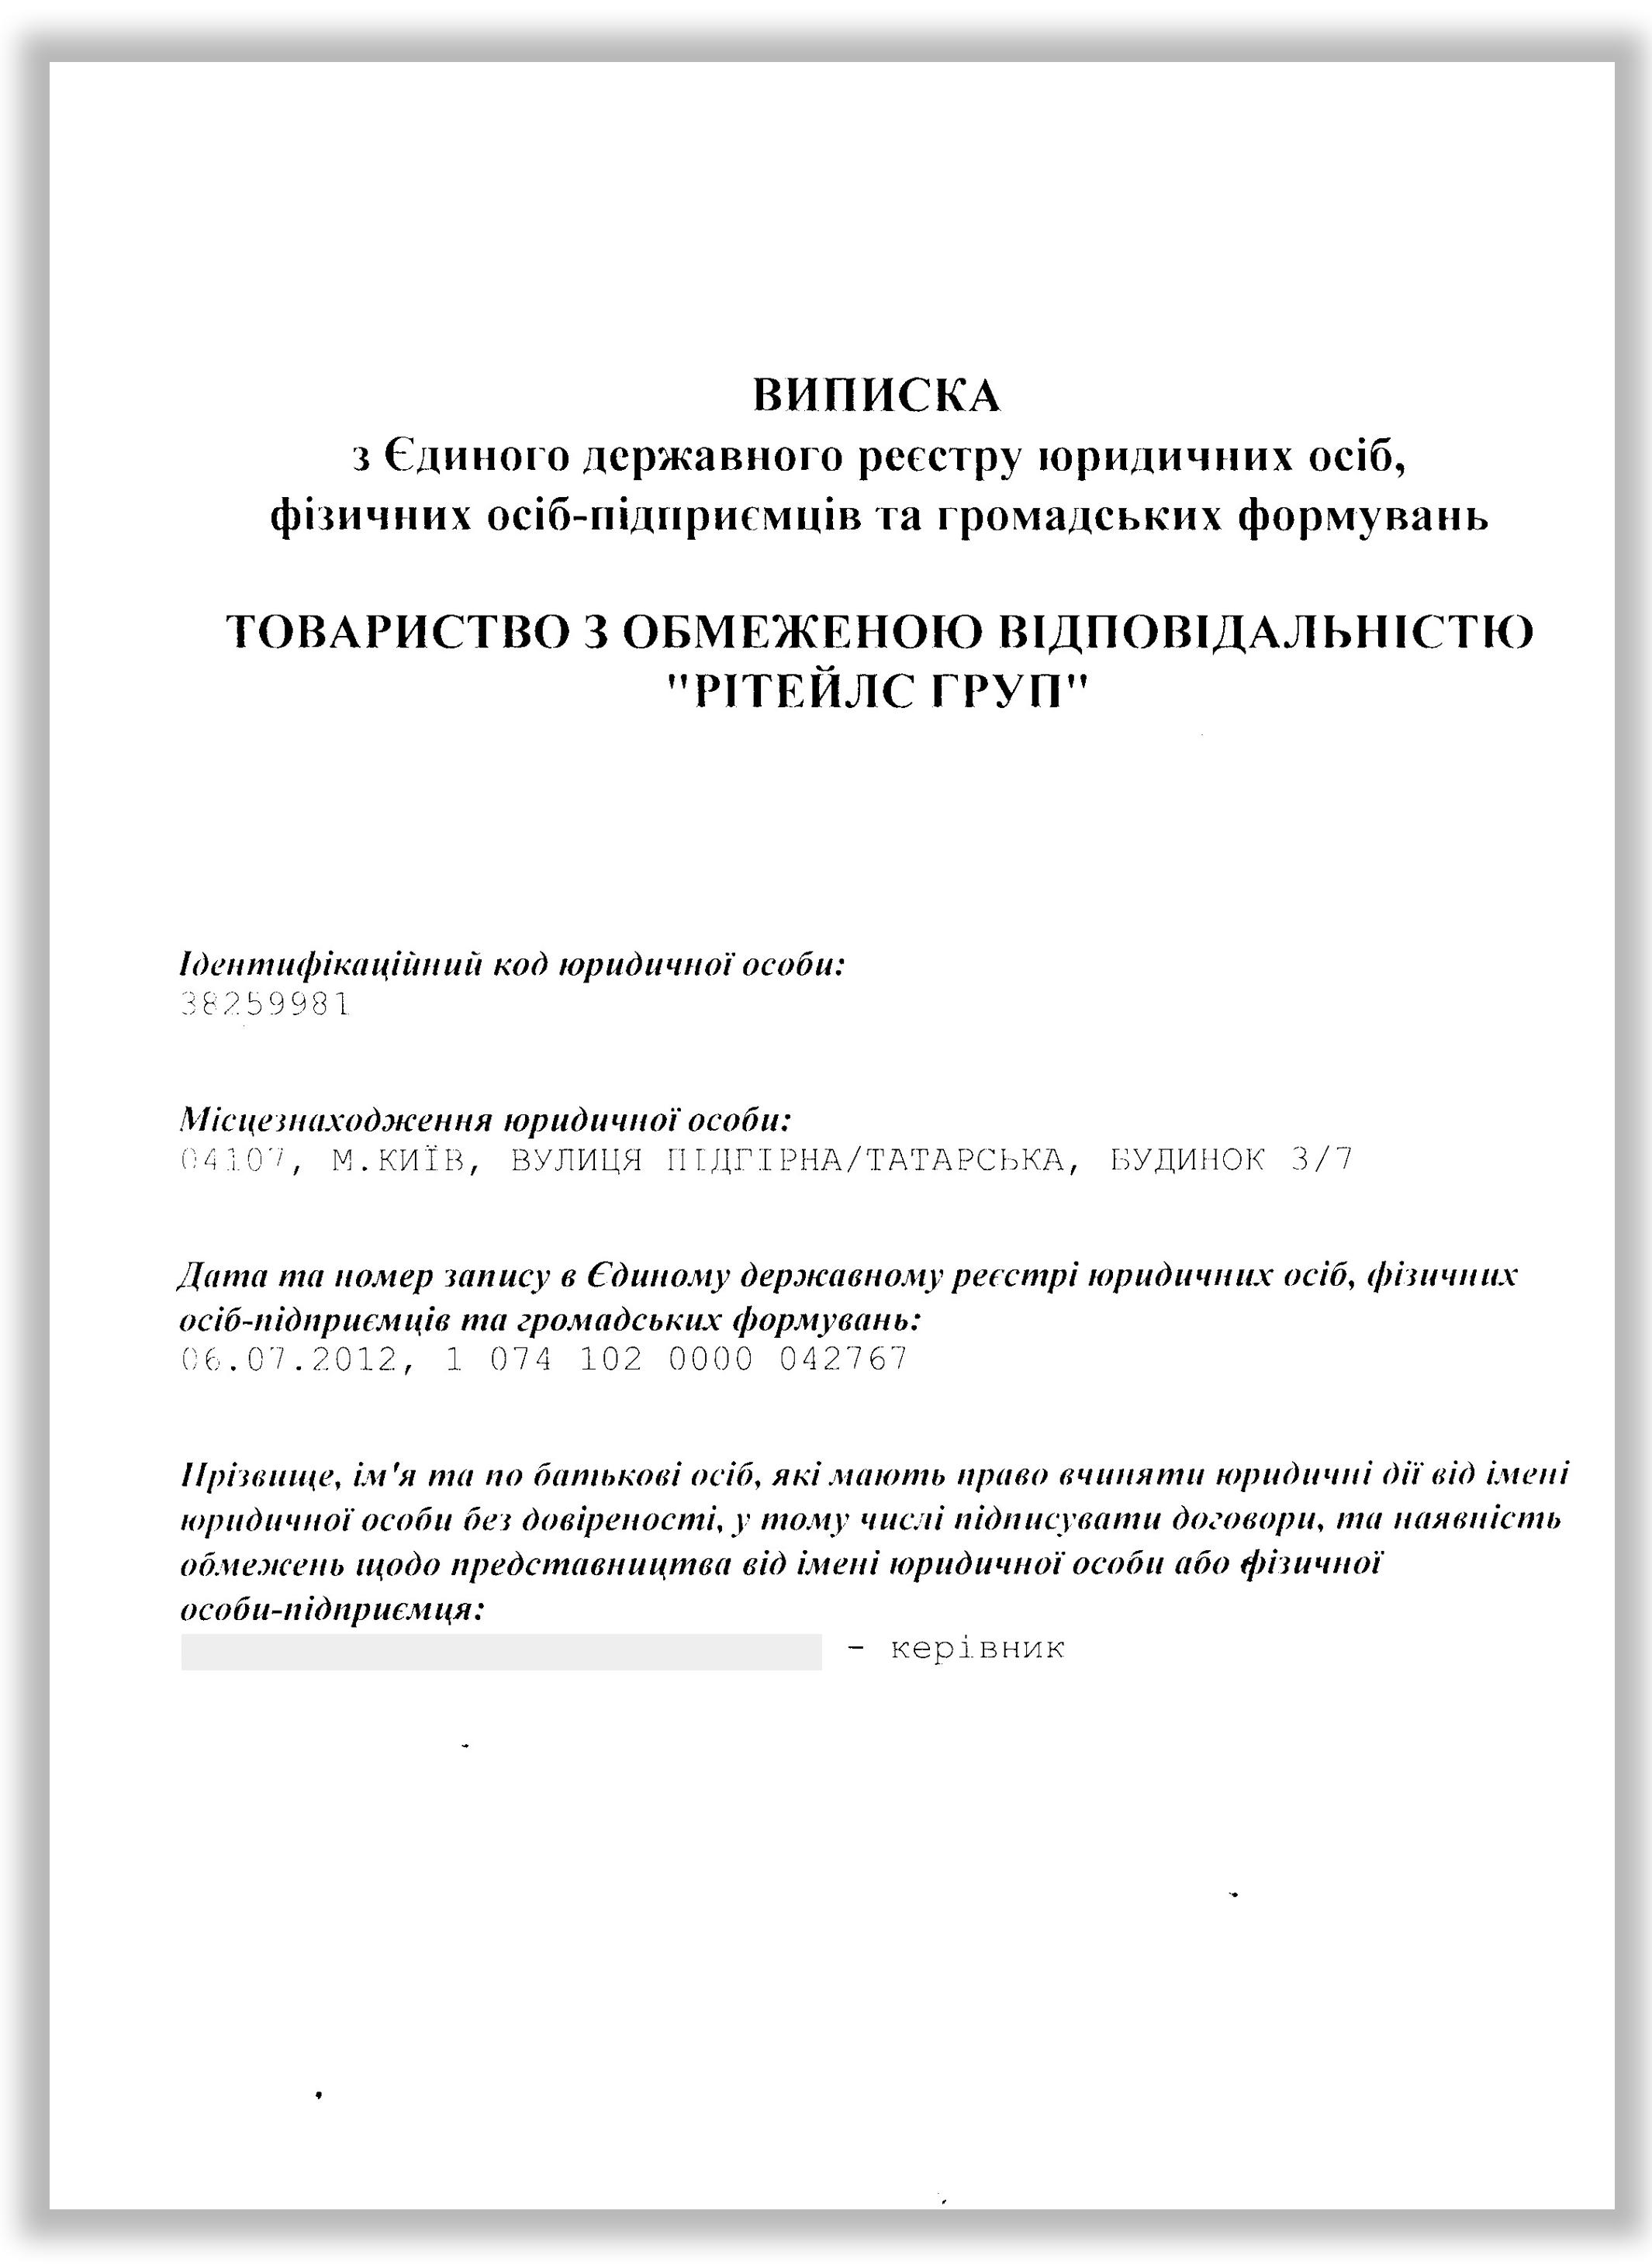 Документи Eurojob фото